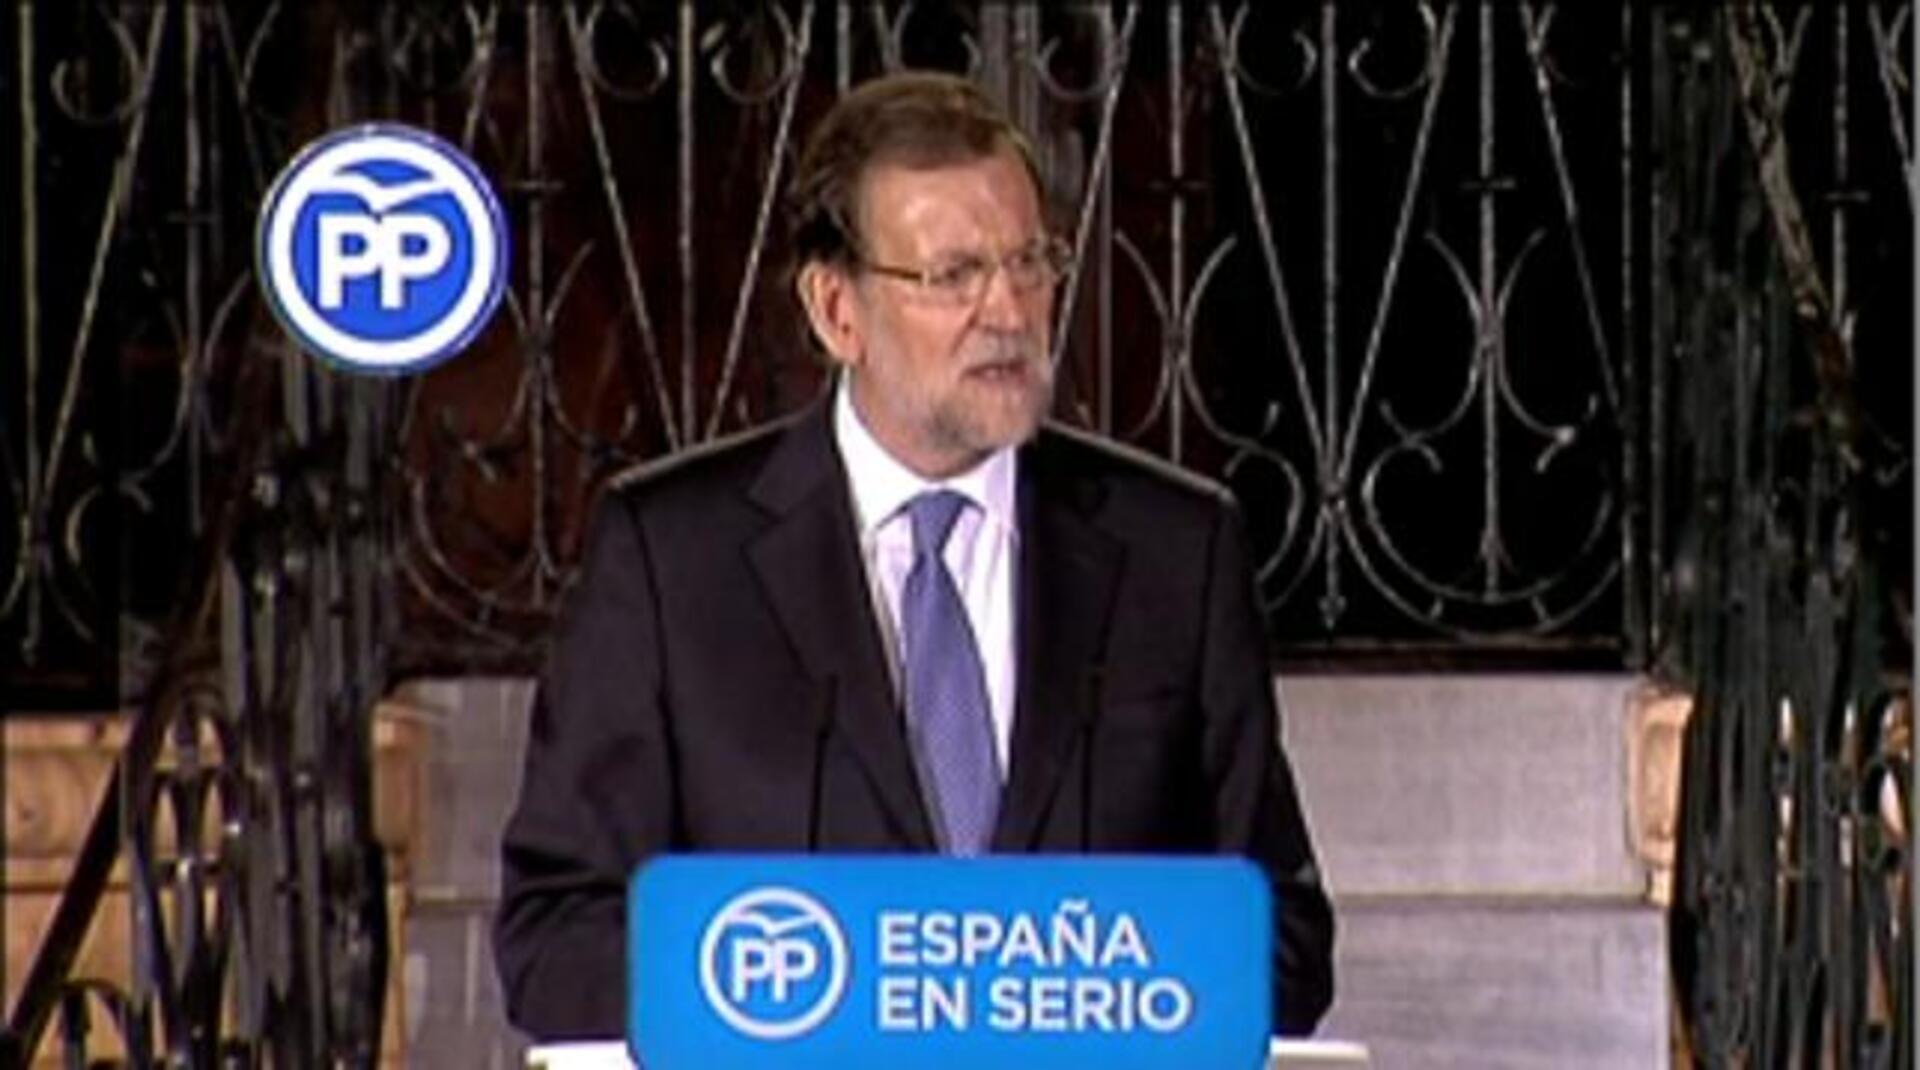 Rajoy confirma el fallecimiento de un policía español en el atentado de Kabul